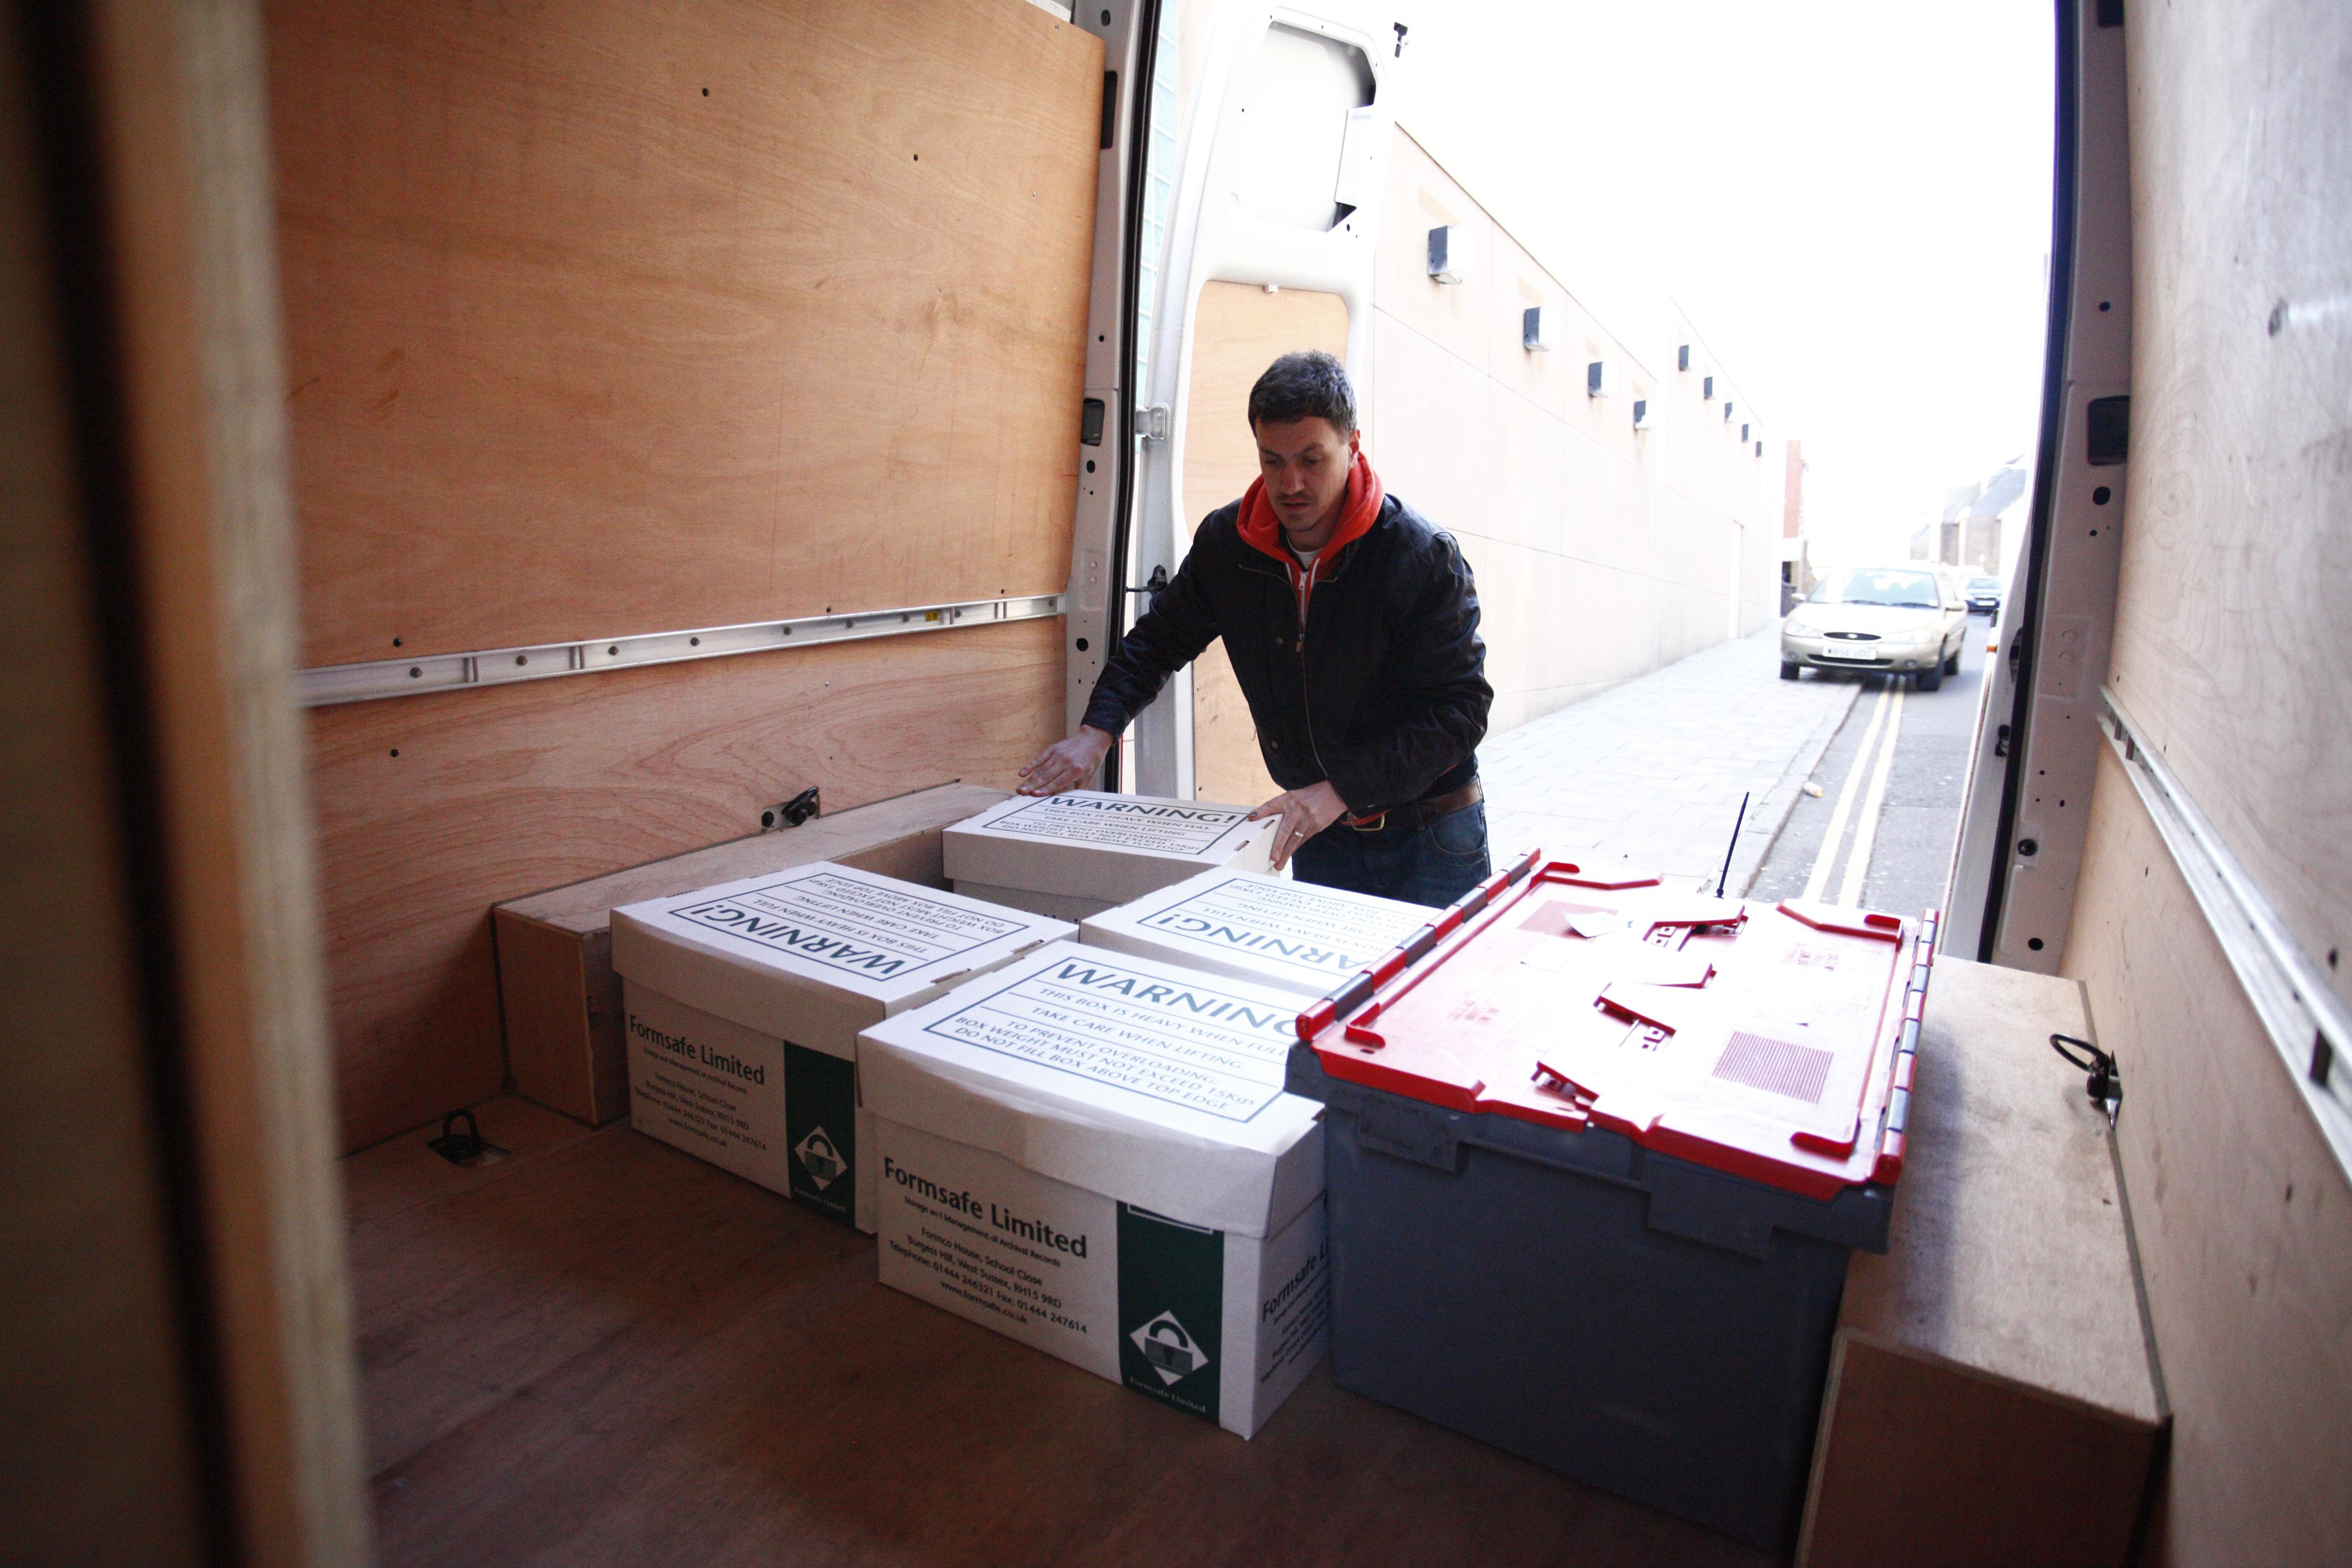 Loading parcels